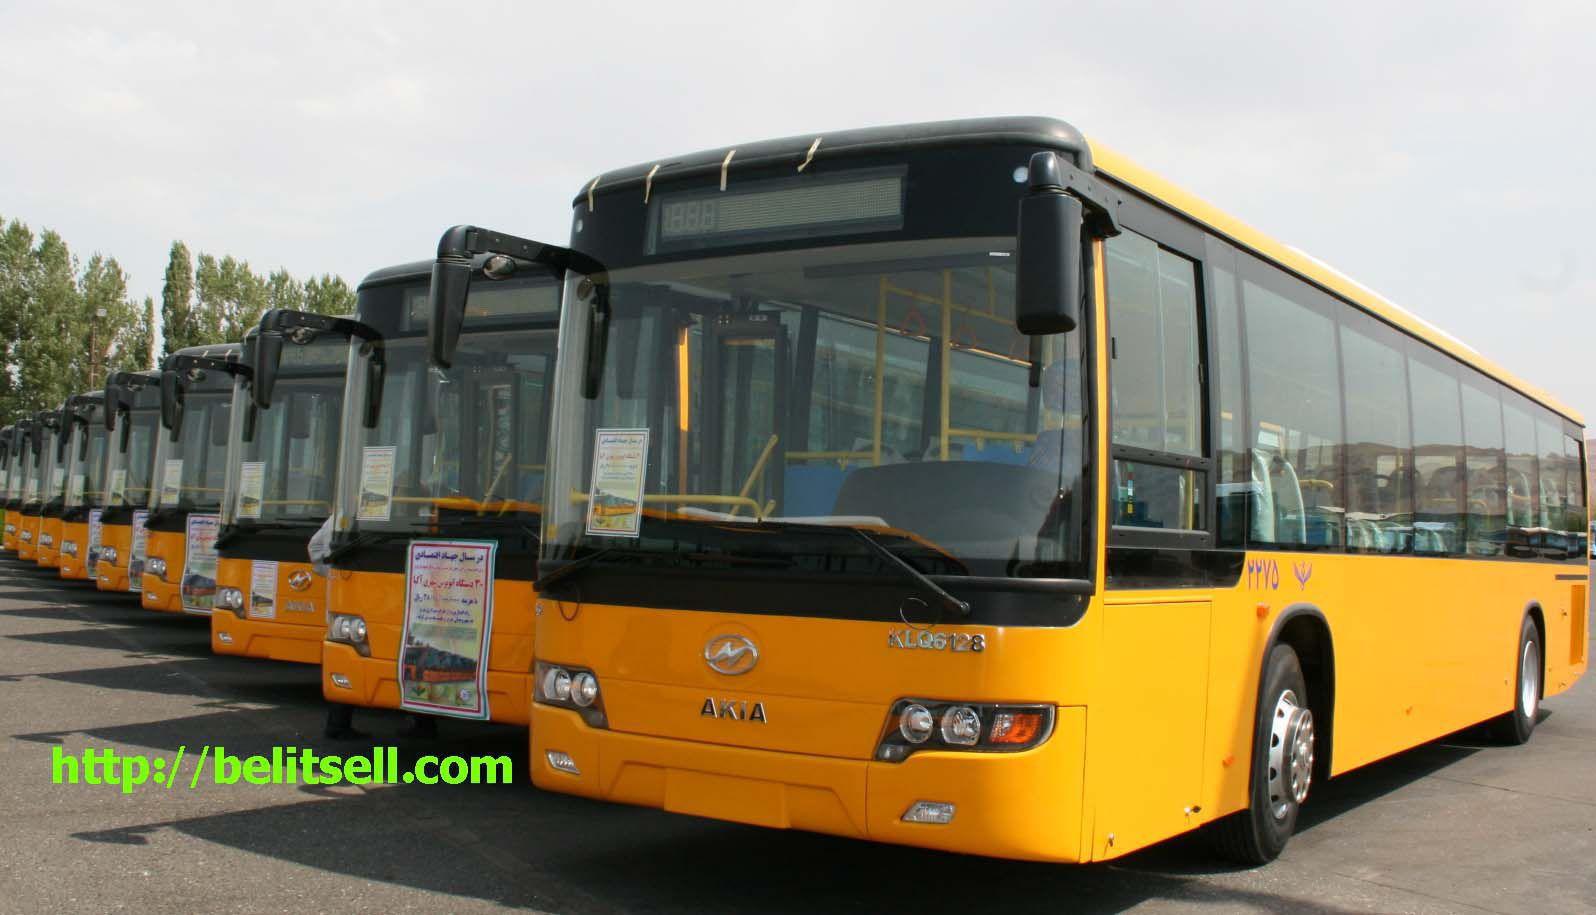 زمان مناسب سفر با اتوبوس